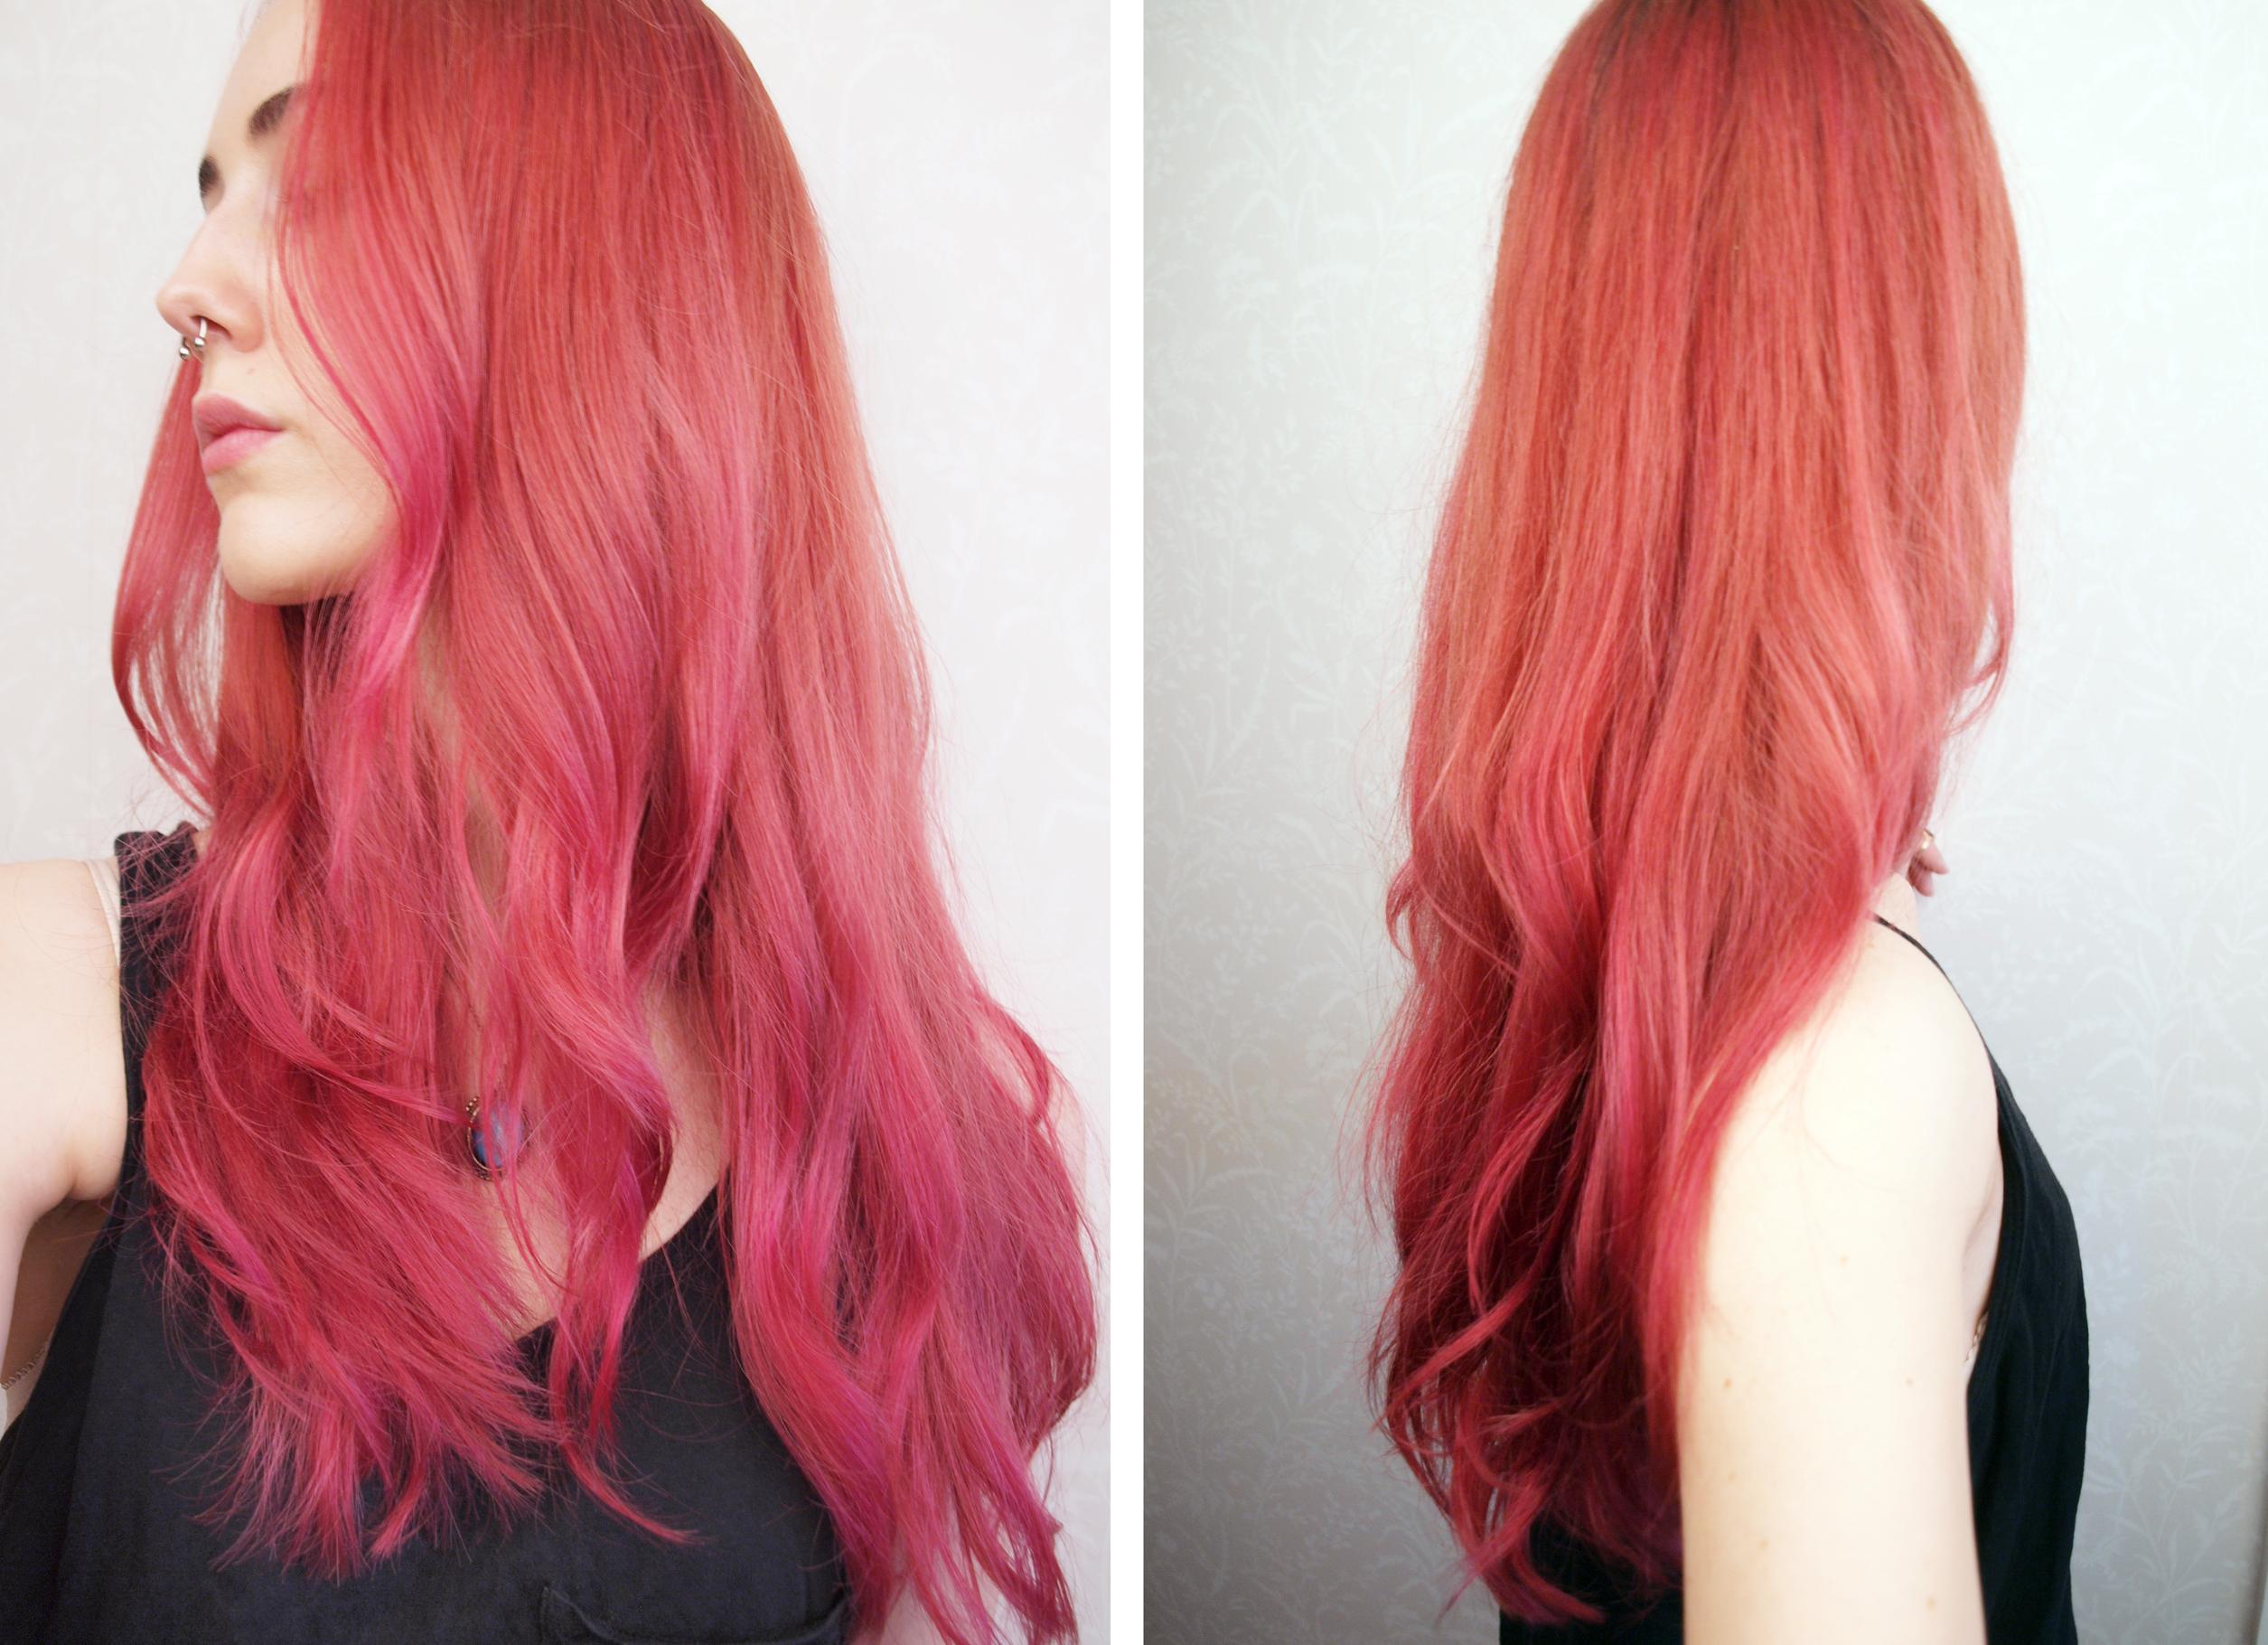 hur får man bort rosa hår